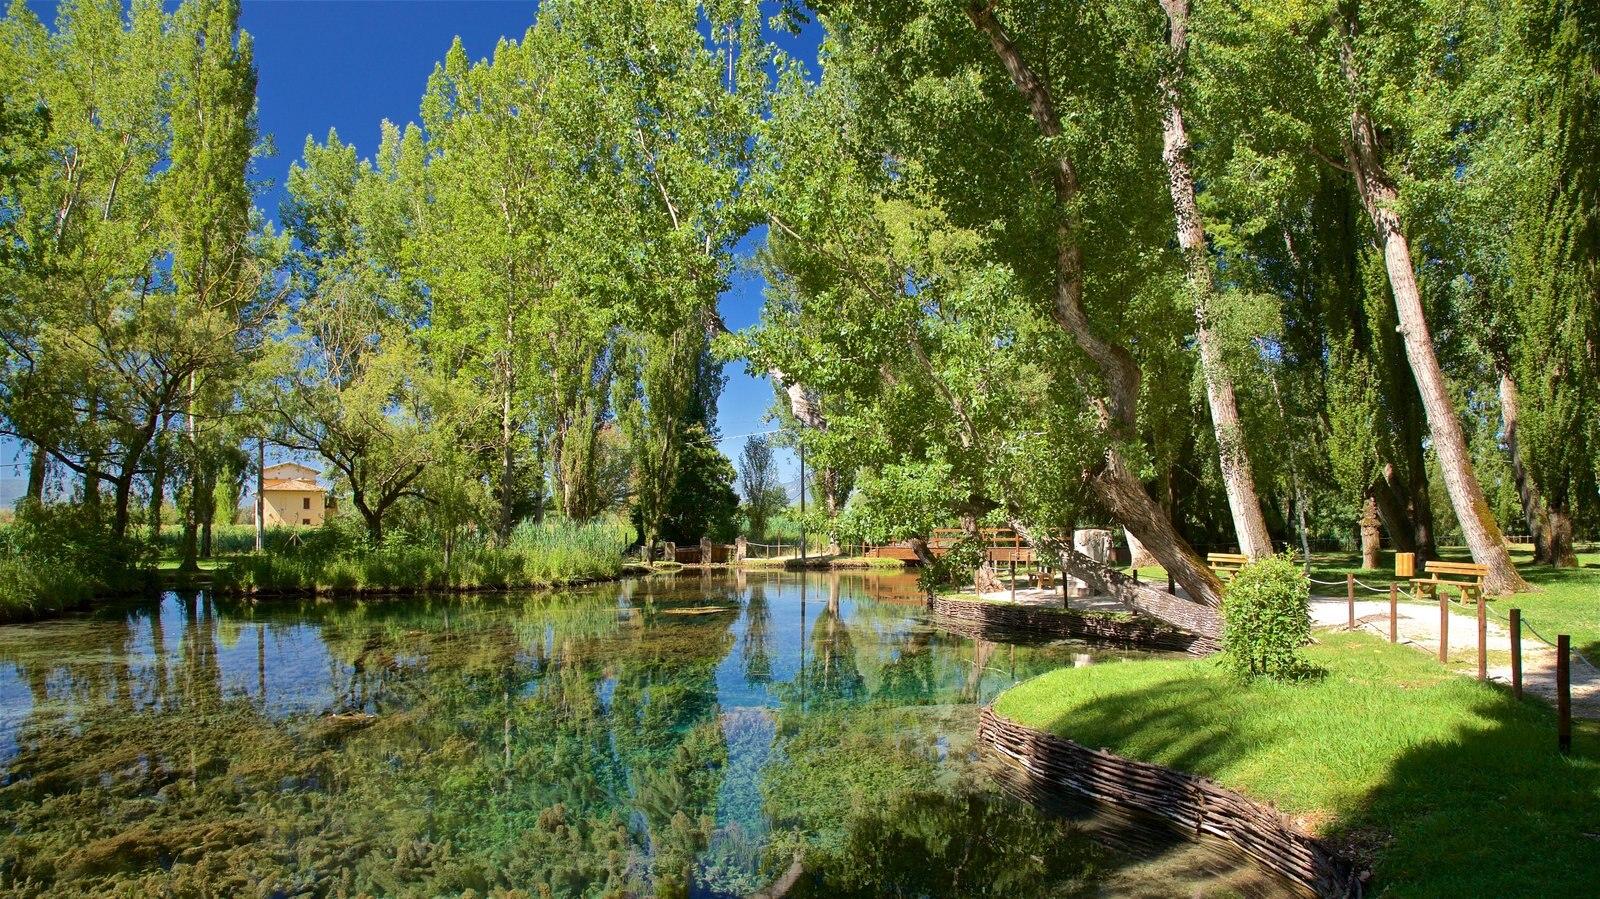 Manantial de Clitunno mostrando un parque y un río o arroyo